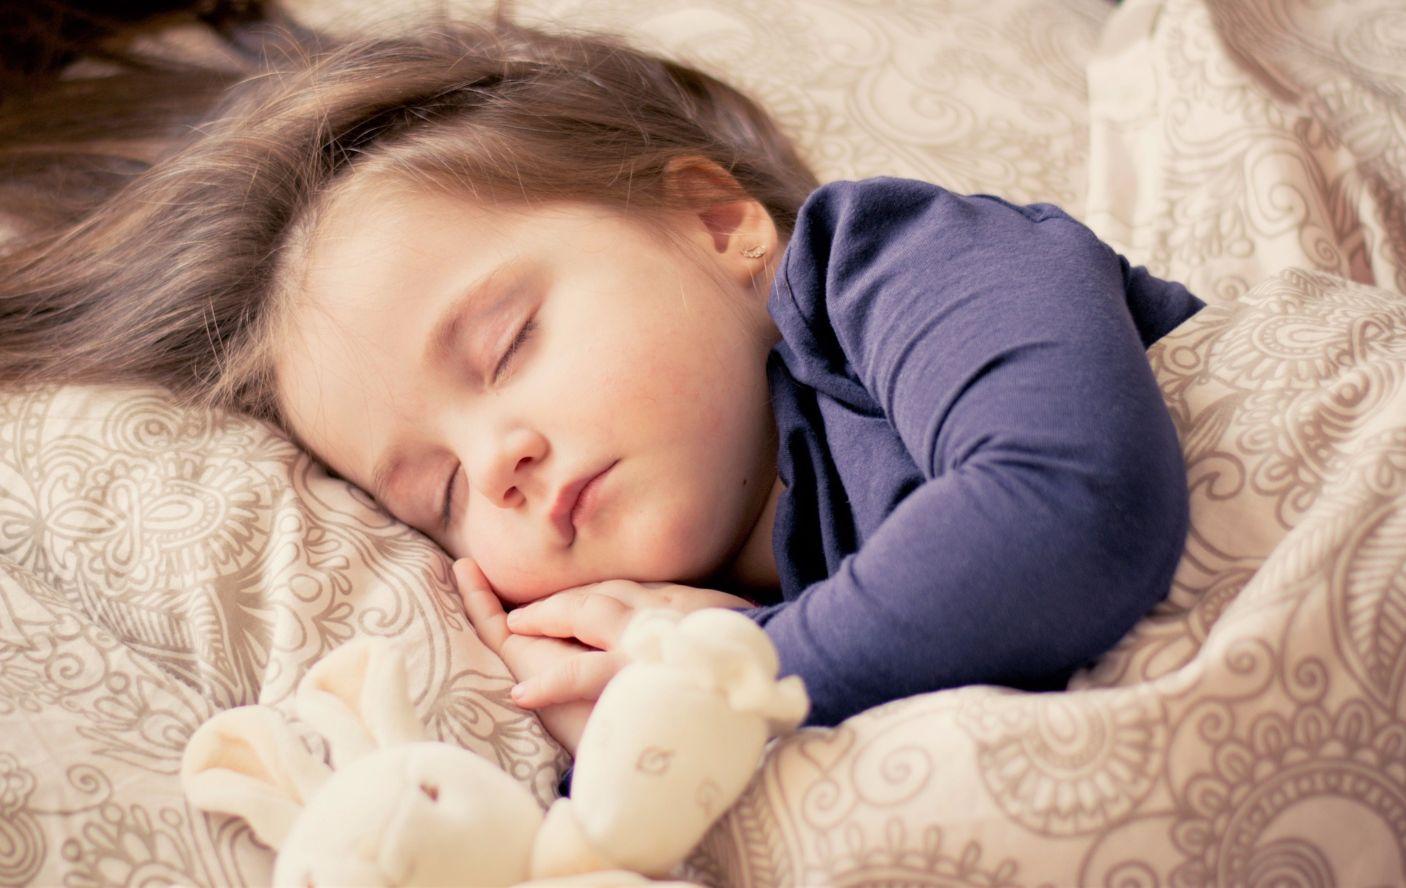 Schlafendes Baby auf einer Decke; Thema: Geburten in Deutschland